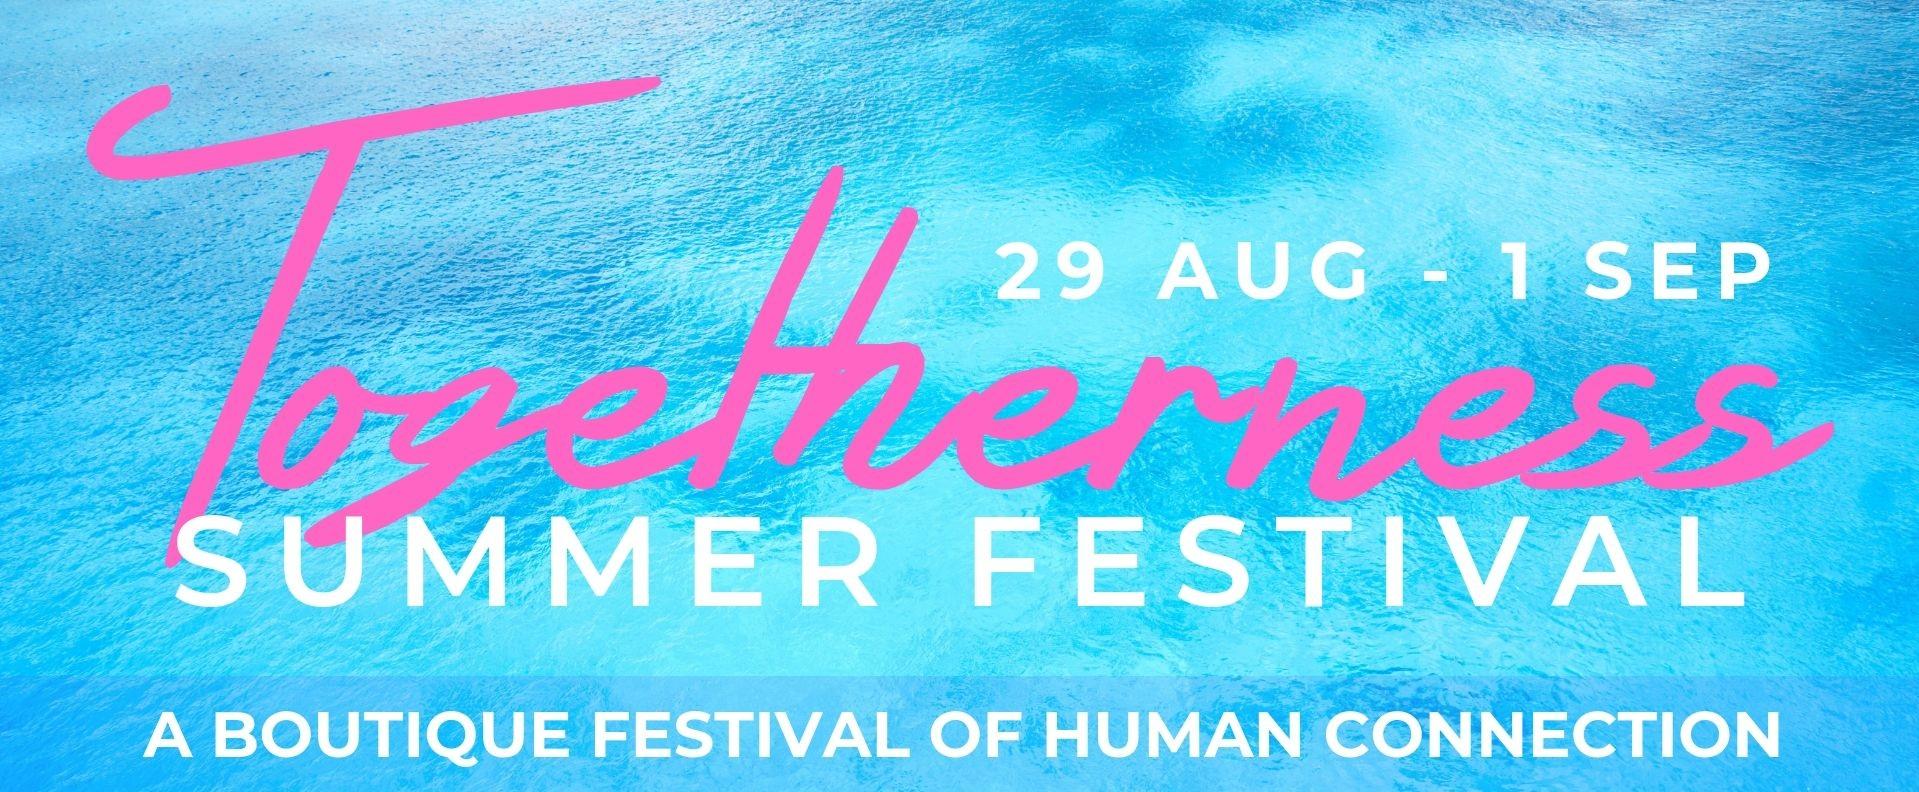 FB+event+image+sizeSummer+Festival++%281%29.jpg